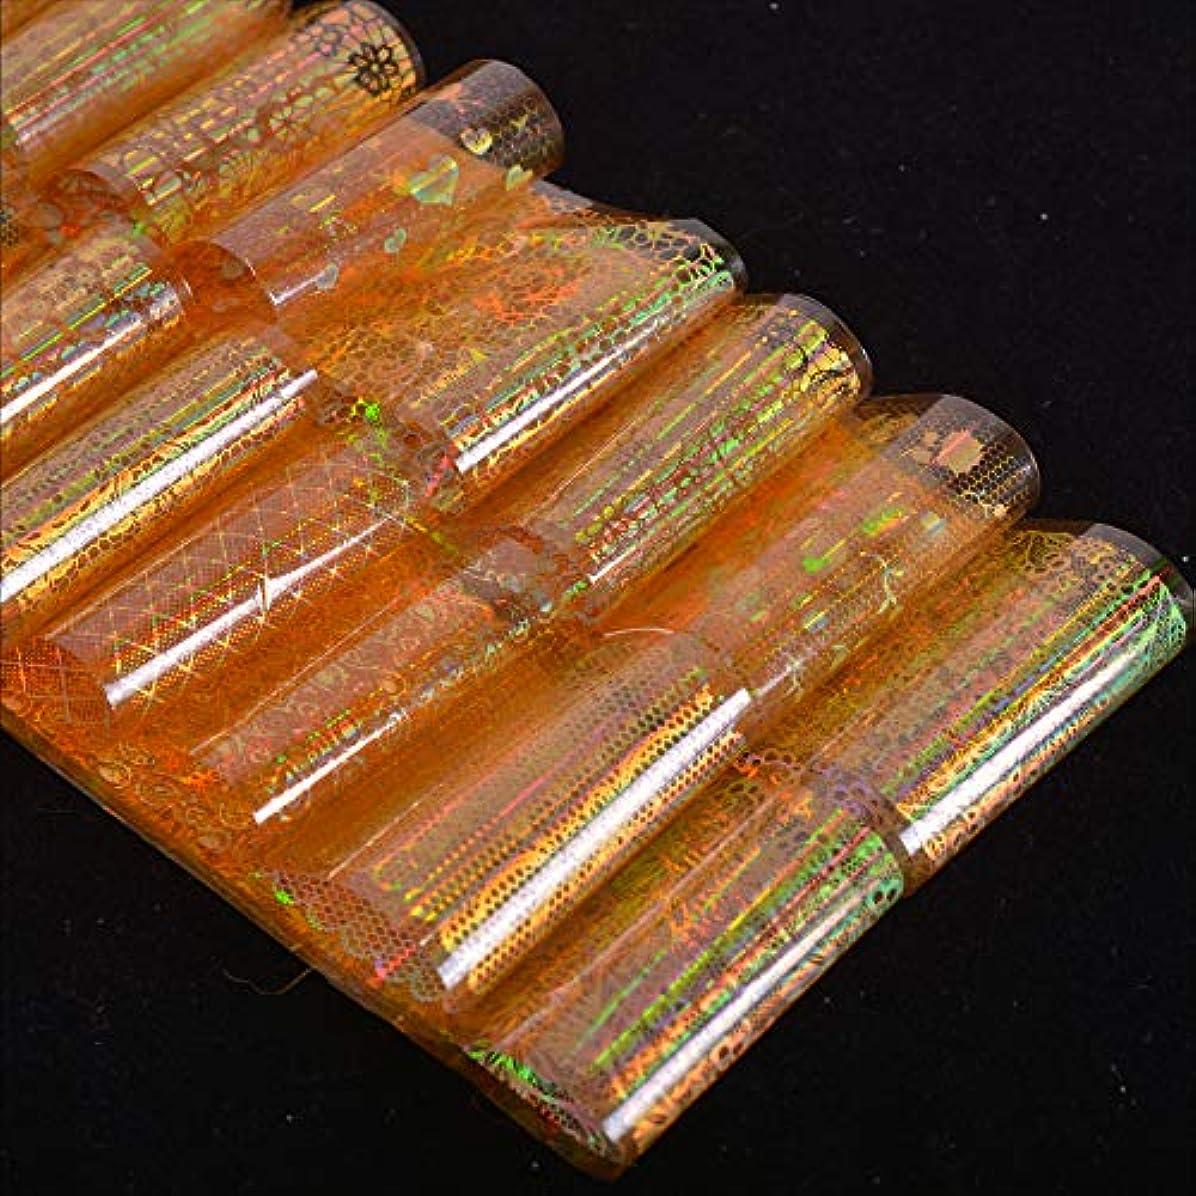 航海デコレーションミリメートルSUKTI&XIAO ネイルステッカー 16ピースホログラフィックゴールド箔レースフラワーグラデーションラップクリスマスネイルアート転送ステッカーデカールマニキュアヒント装飾ツール